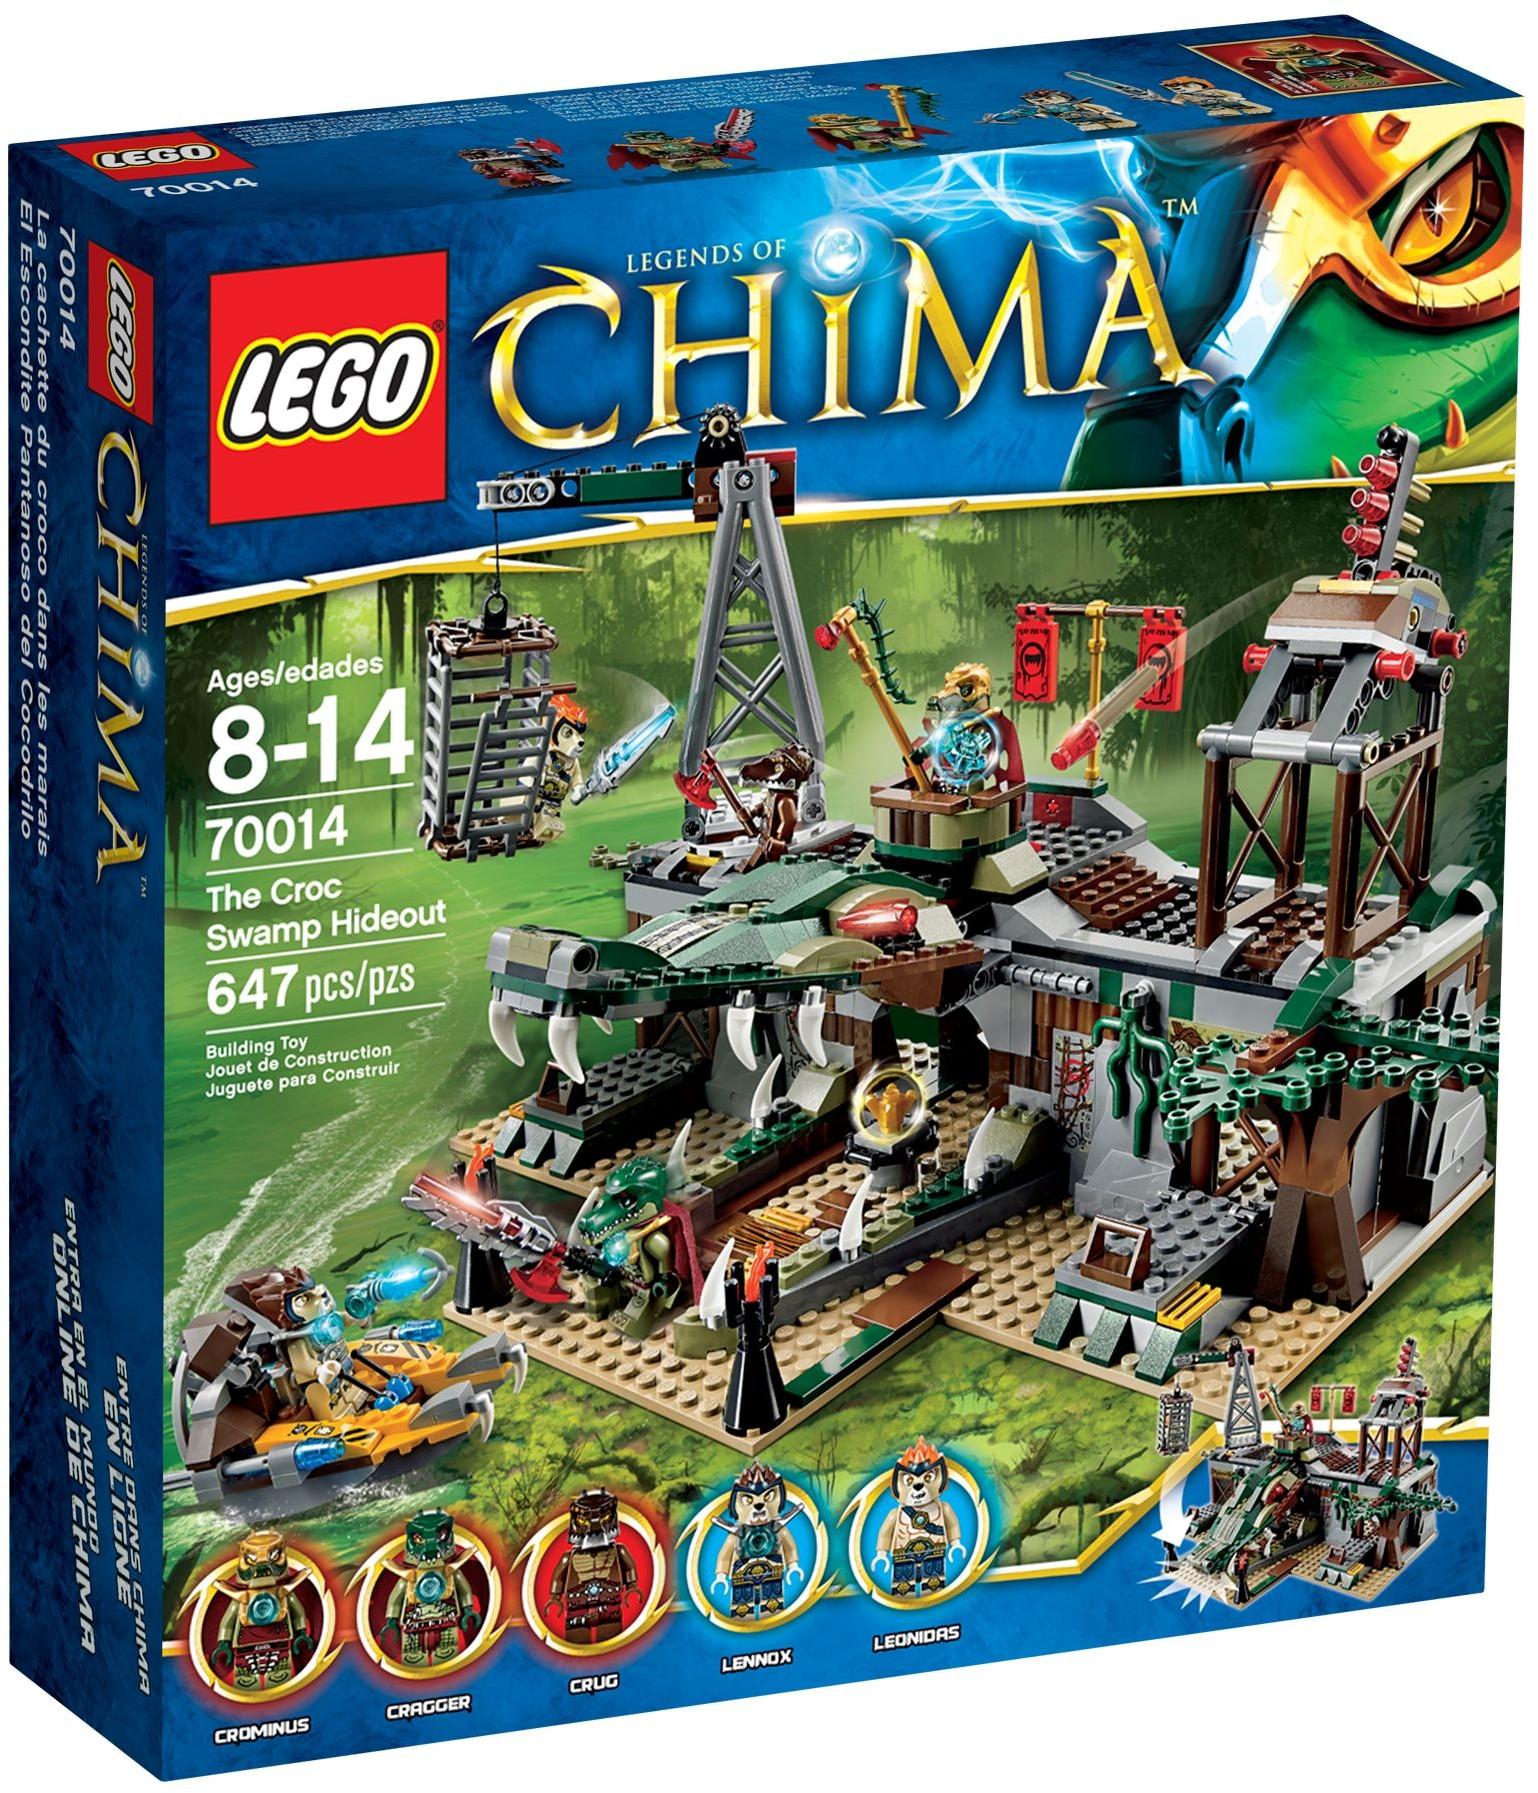 Lego chima 70014 pas cher le repaire croco - Image de lego chima ...